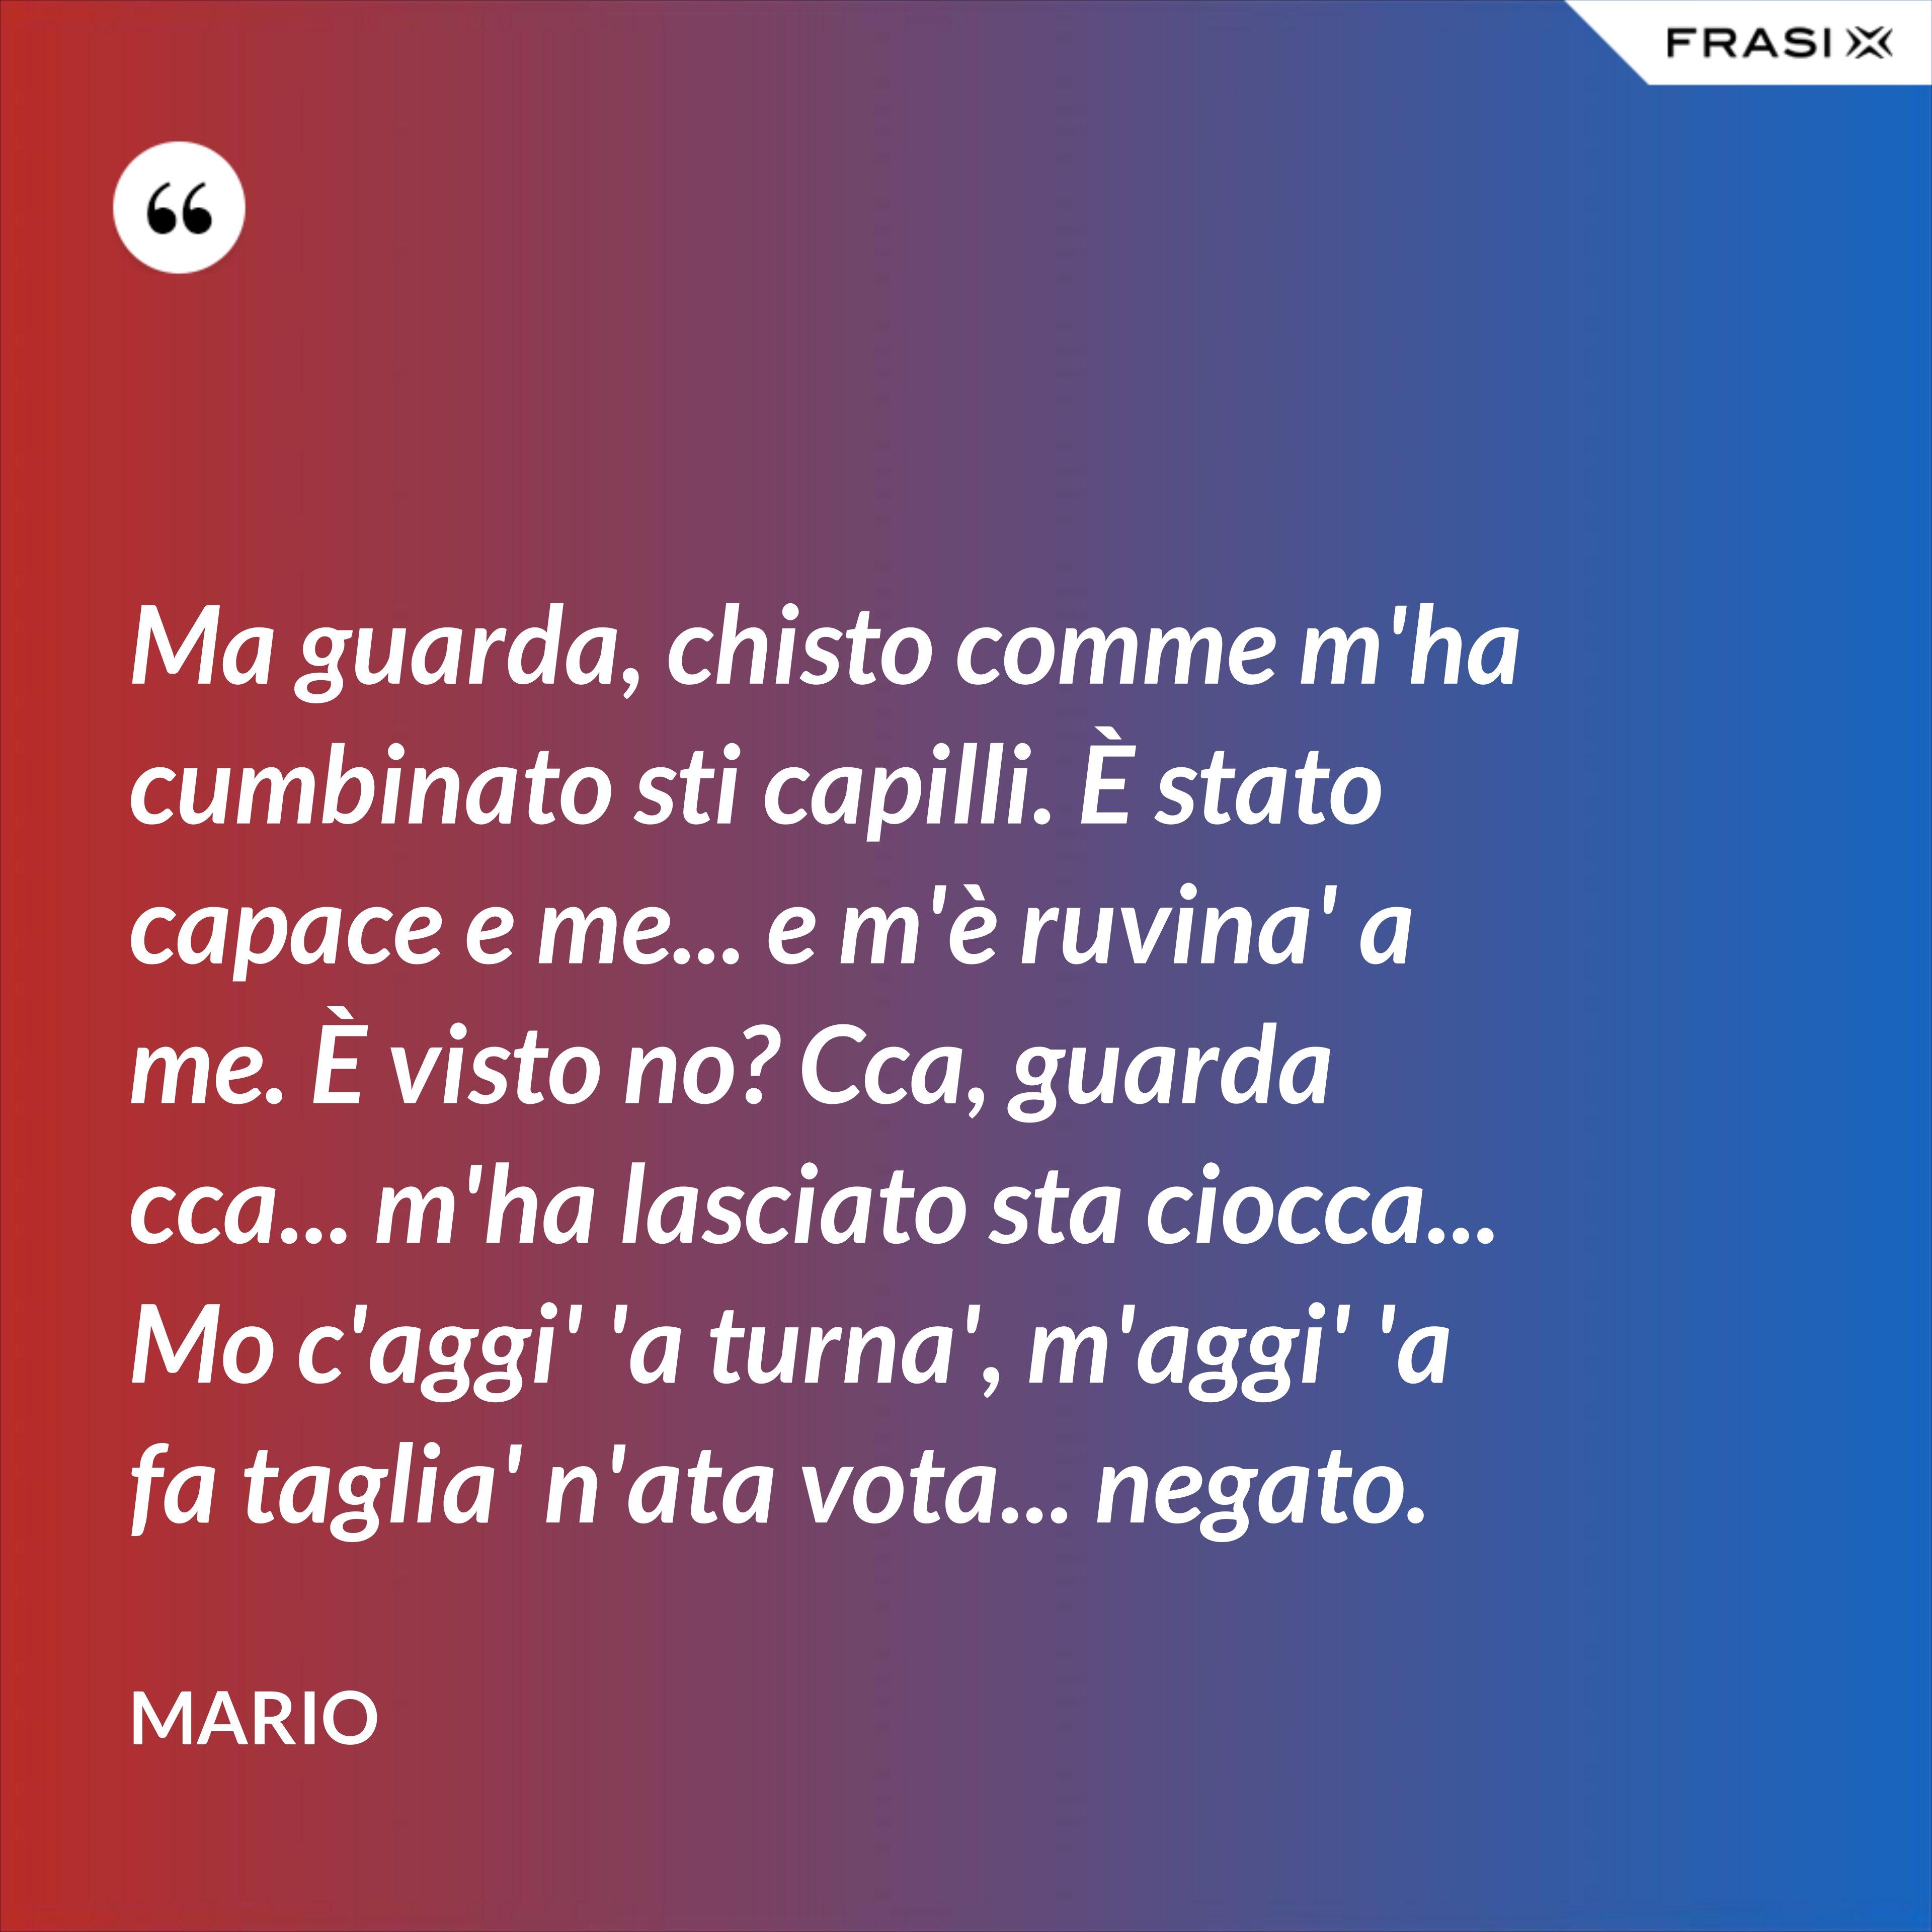 Ma guarda, chisto comme m'ha cumbinato sti capilli. È stato capace e me... e m'è ruvina' a me. È visto no? Cca, guarda cca... m'ha lasciato sta ciocca... Mo c'aggi' 'a turna', m'aggi' 'a fa taglia' n'ata vota... negato. - Mario